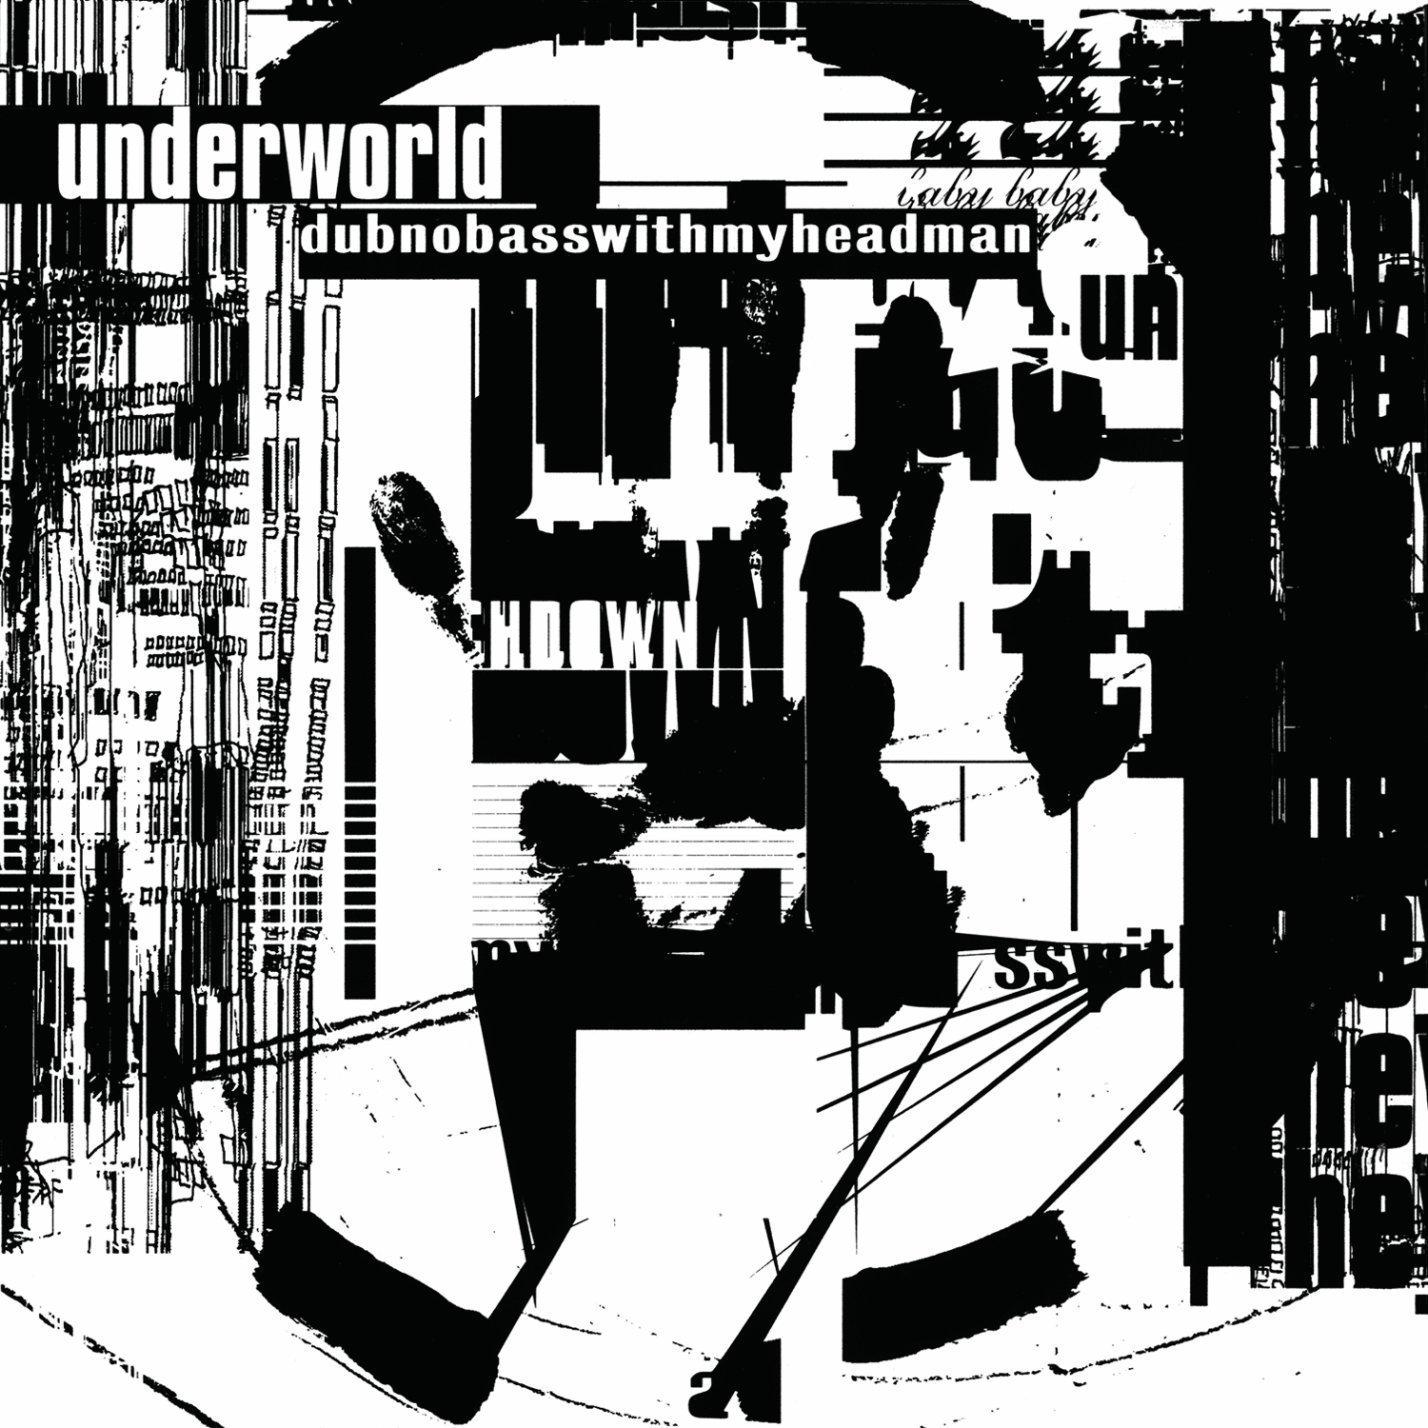 Underworld, dubnobasswithmyheadman